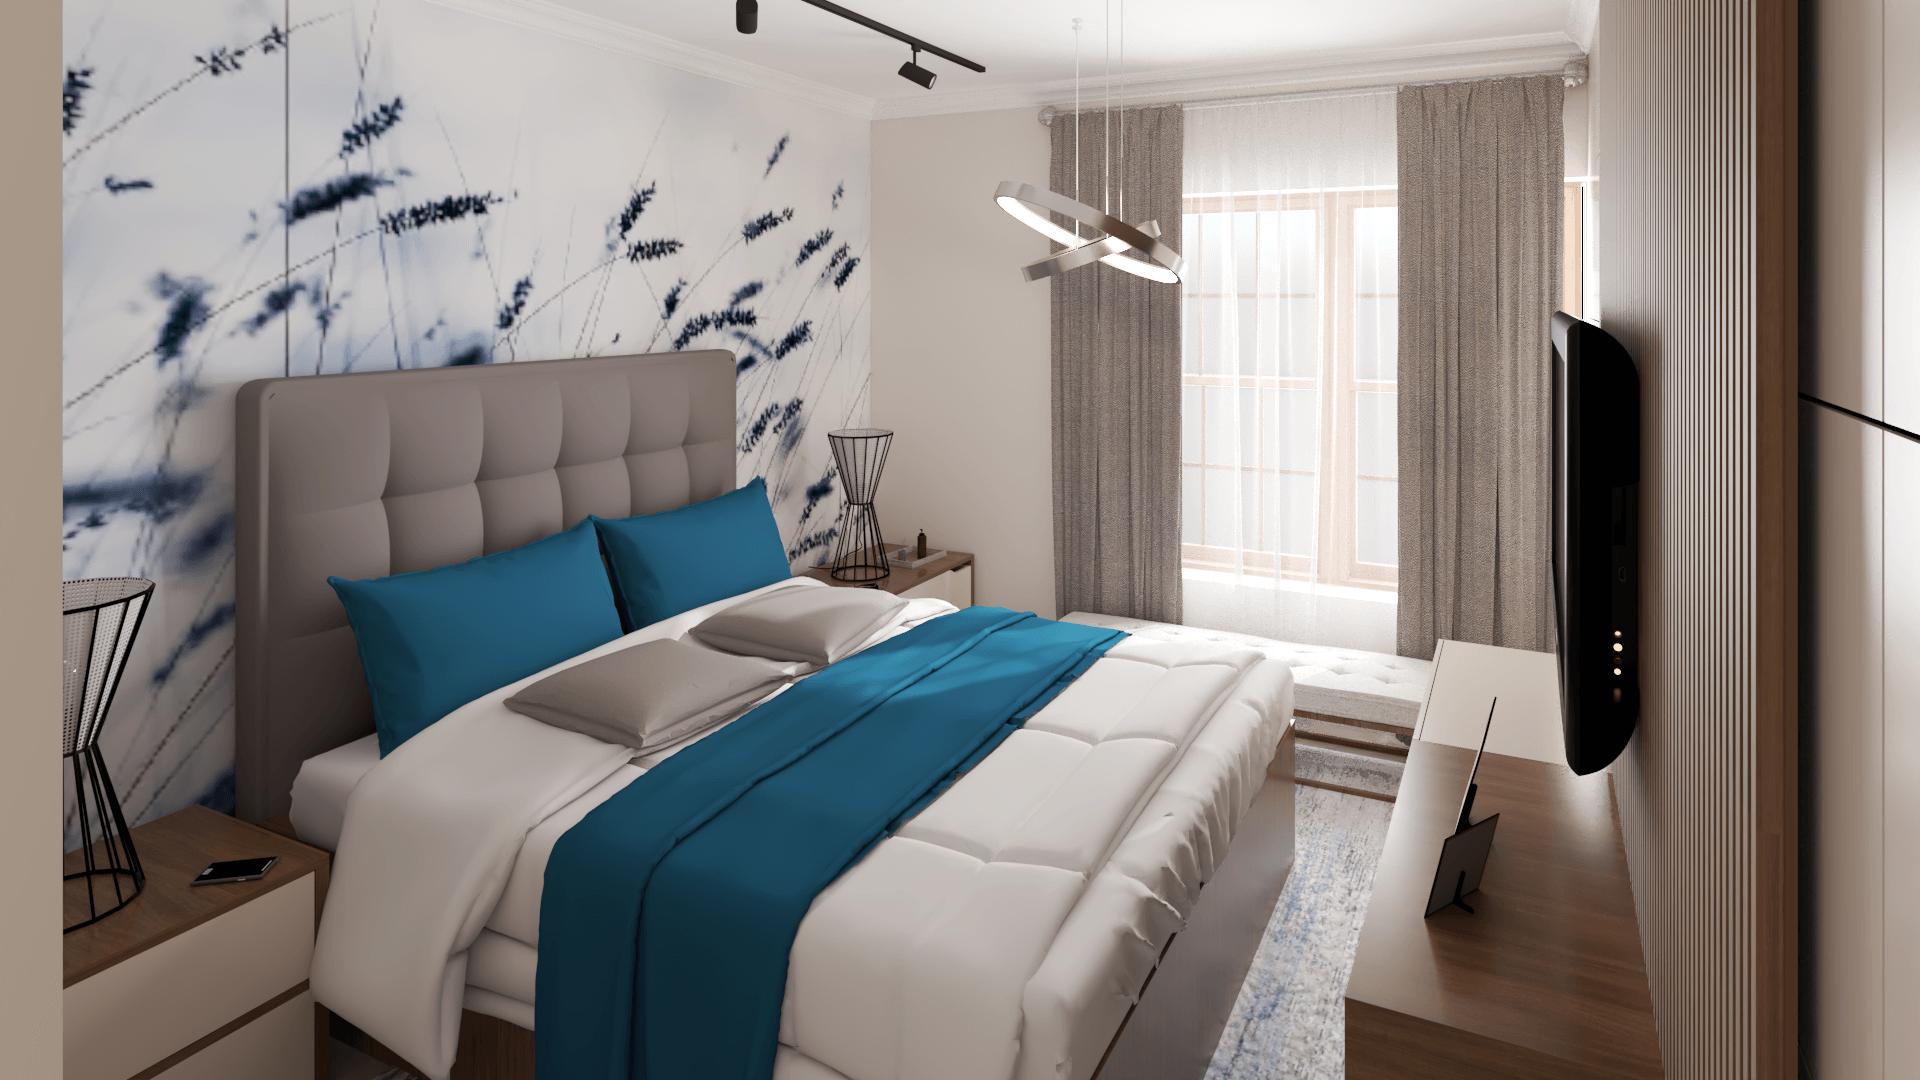 Dormitor amenajat in culori calde, deschise cu tapet cu lavanda